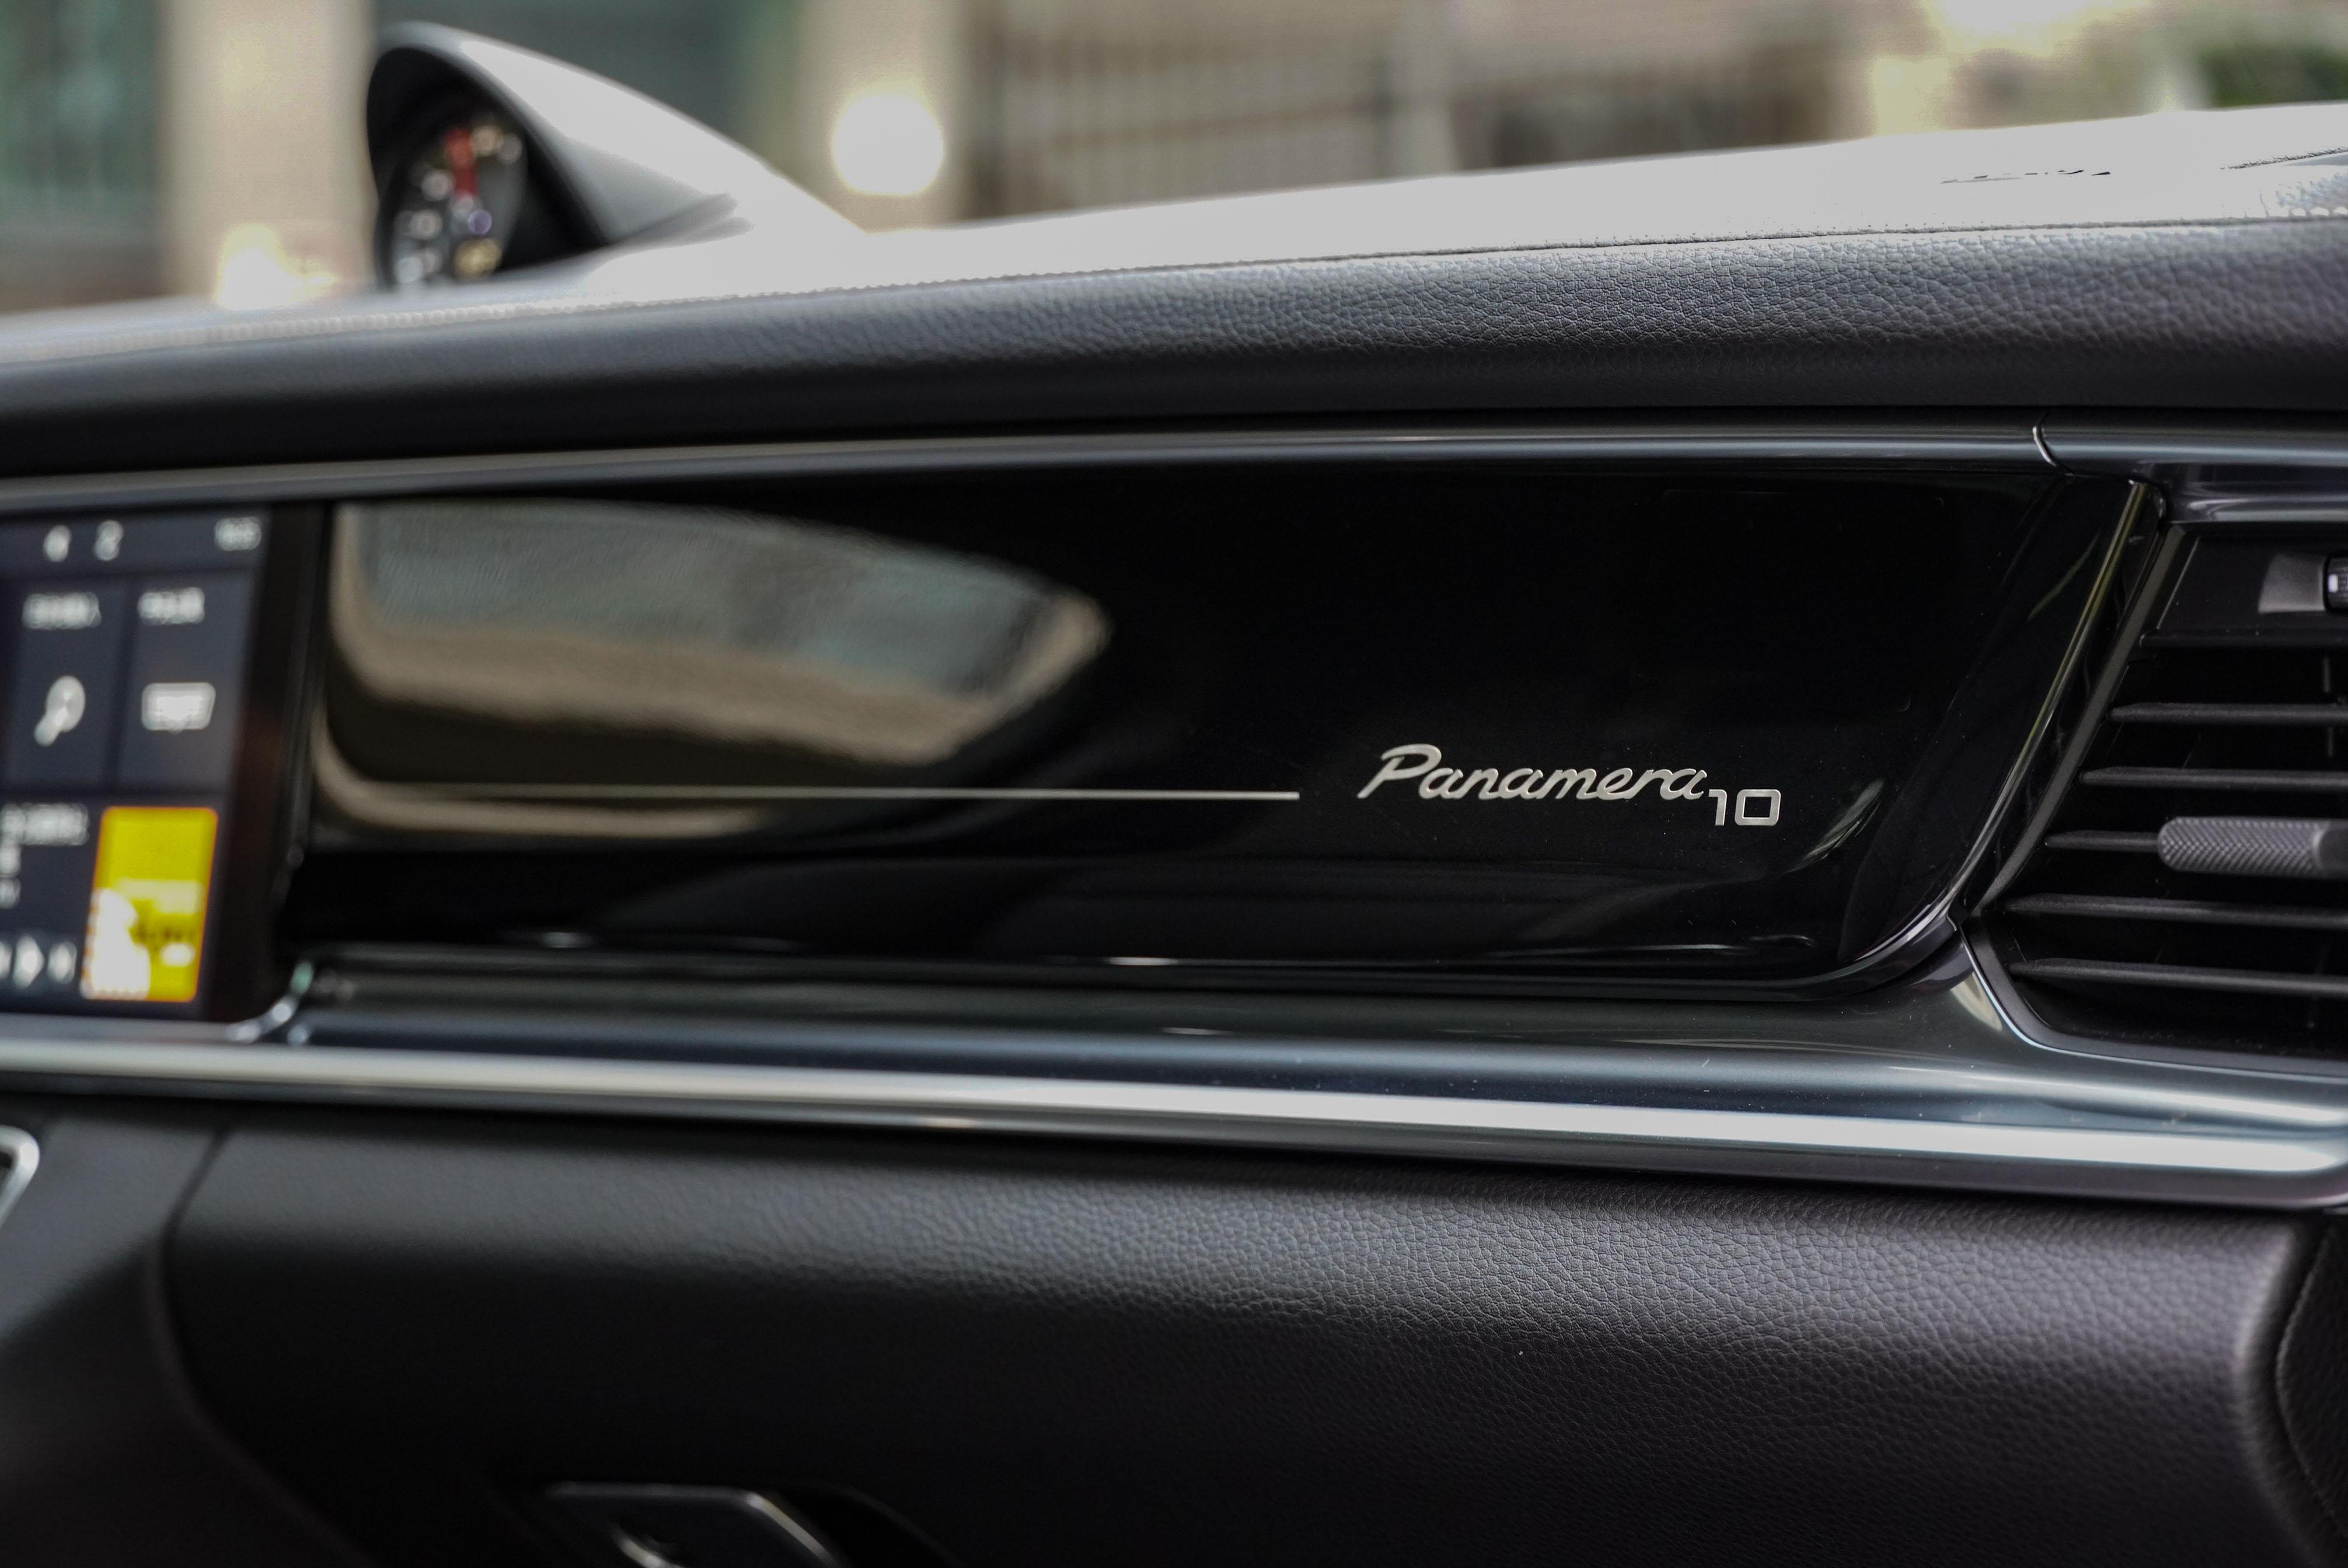 鋼琴烤漆飾板上有 Panamera10 字樣。